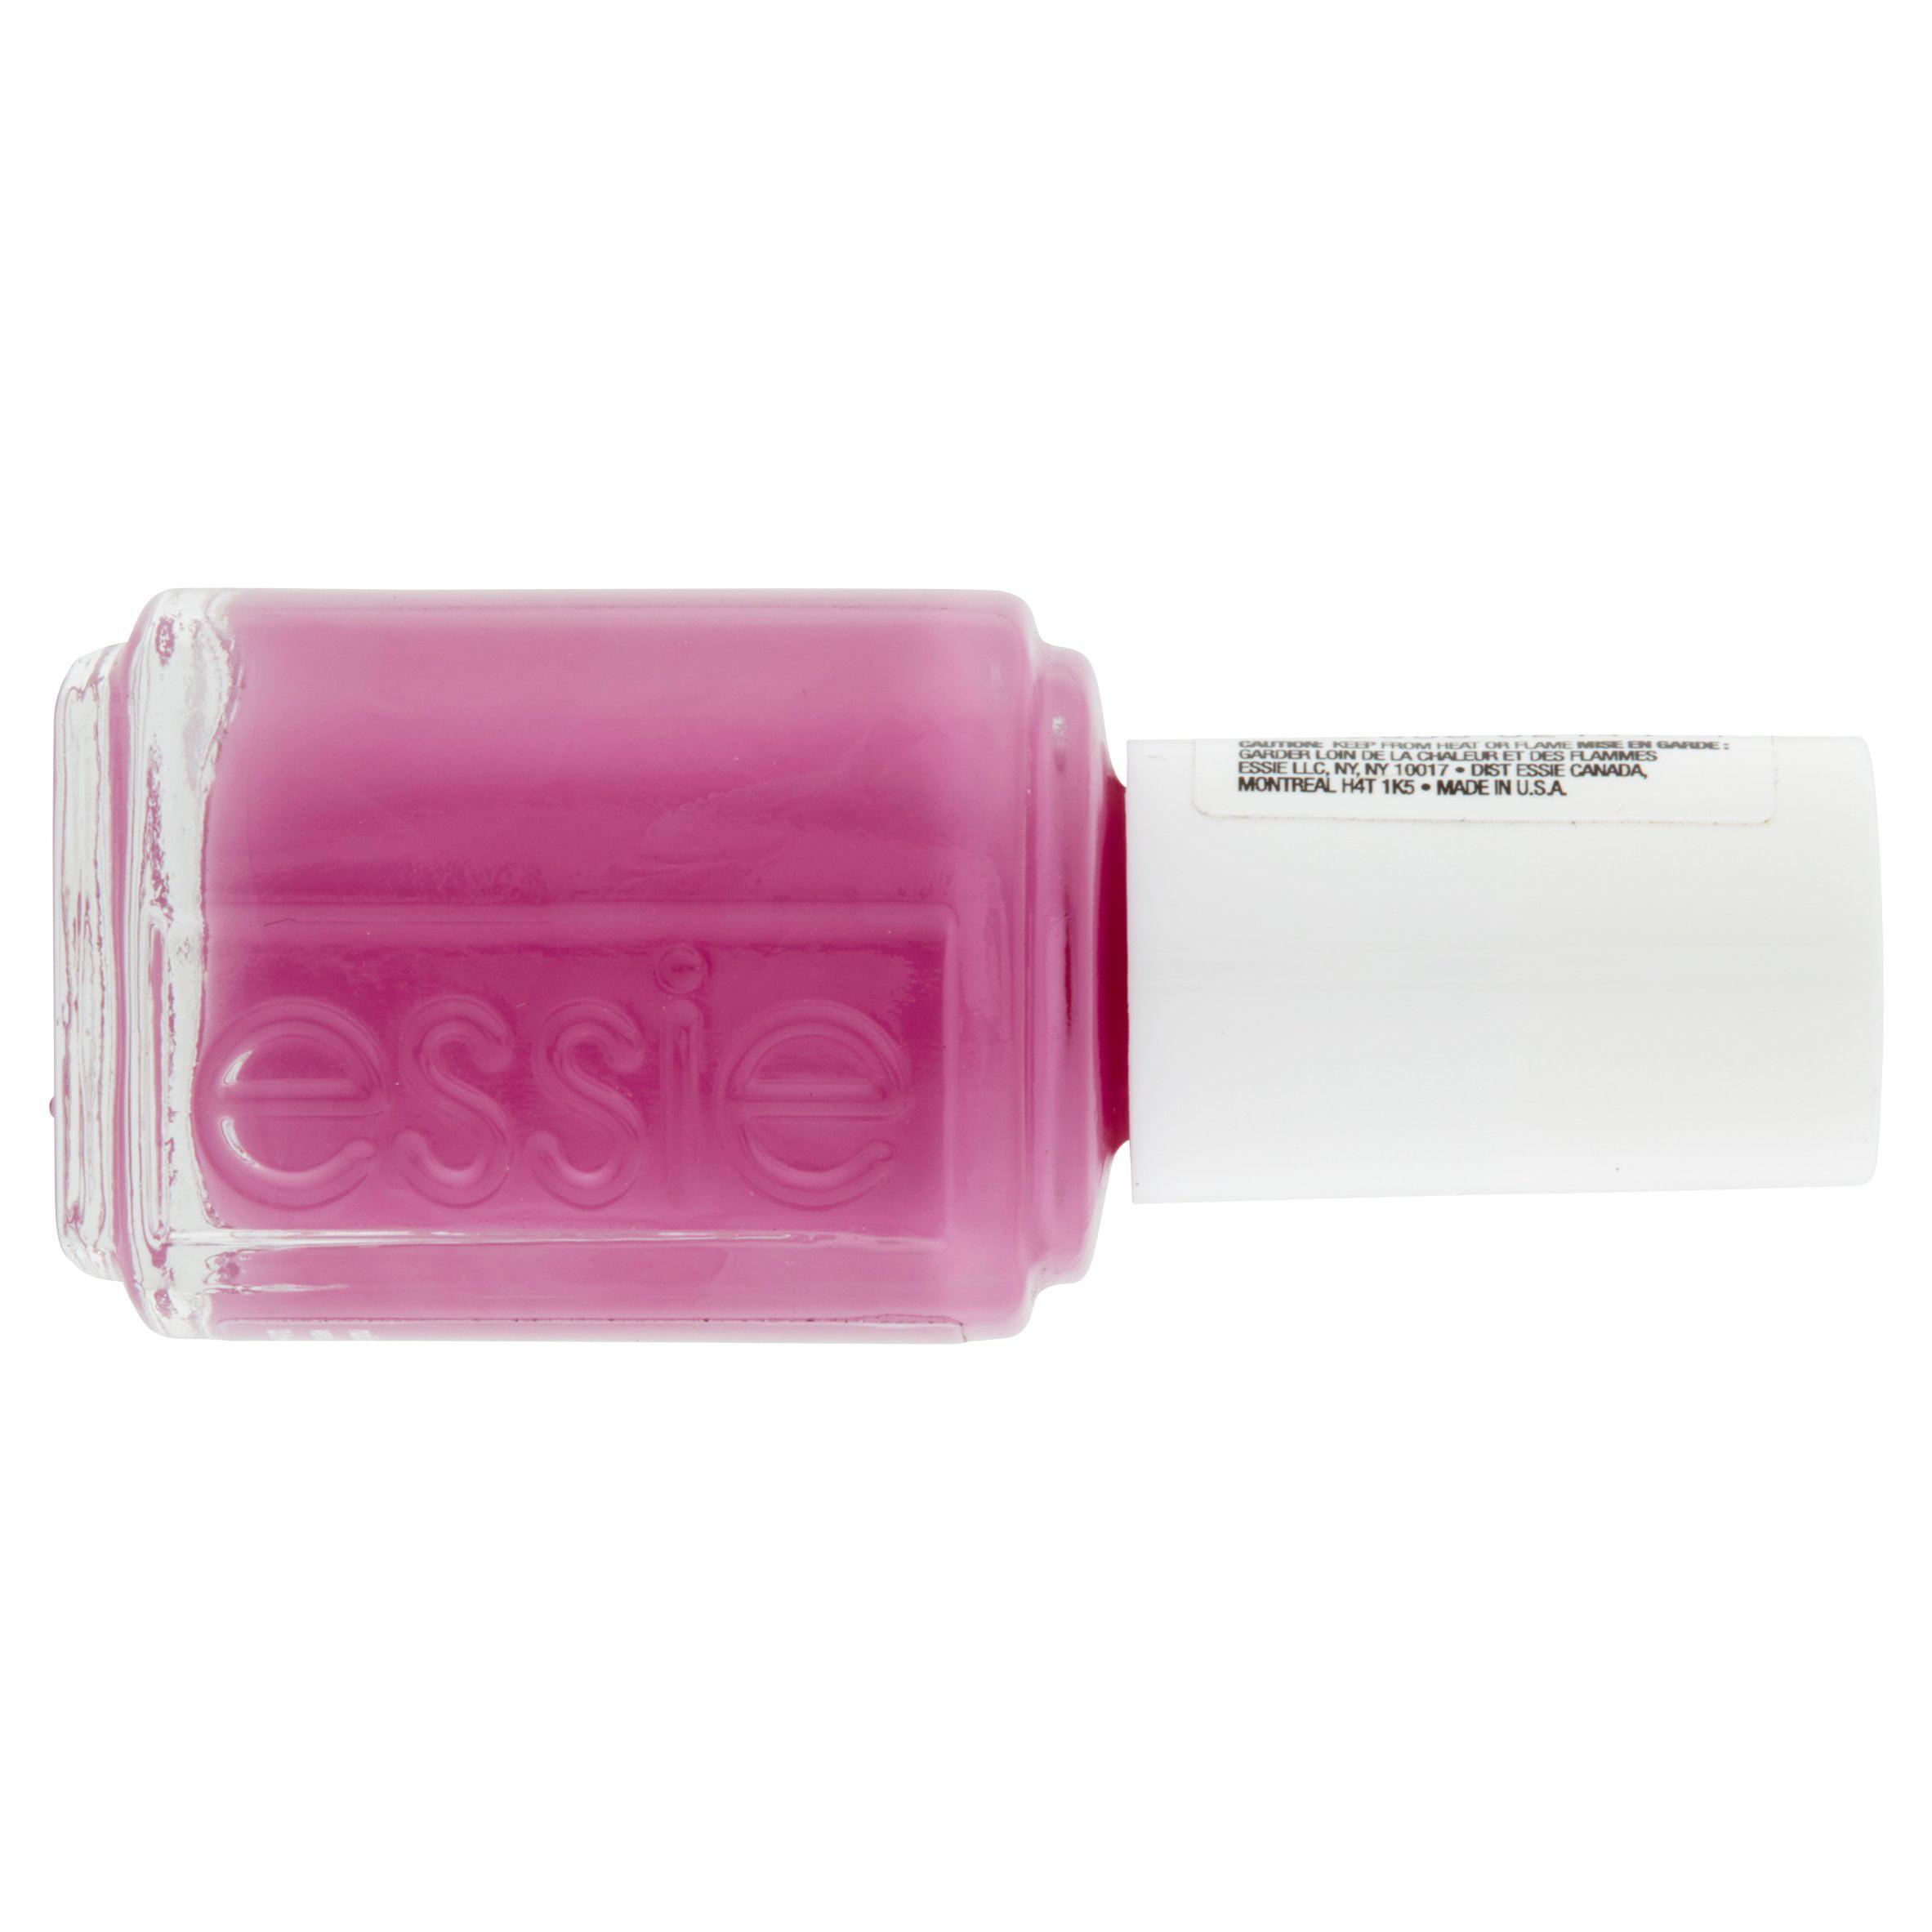 essie Nail Polish (Purples), Lilacism, 0.46 fl oz - Walmart.com